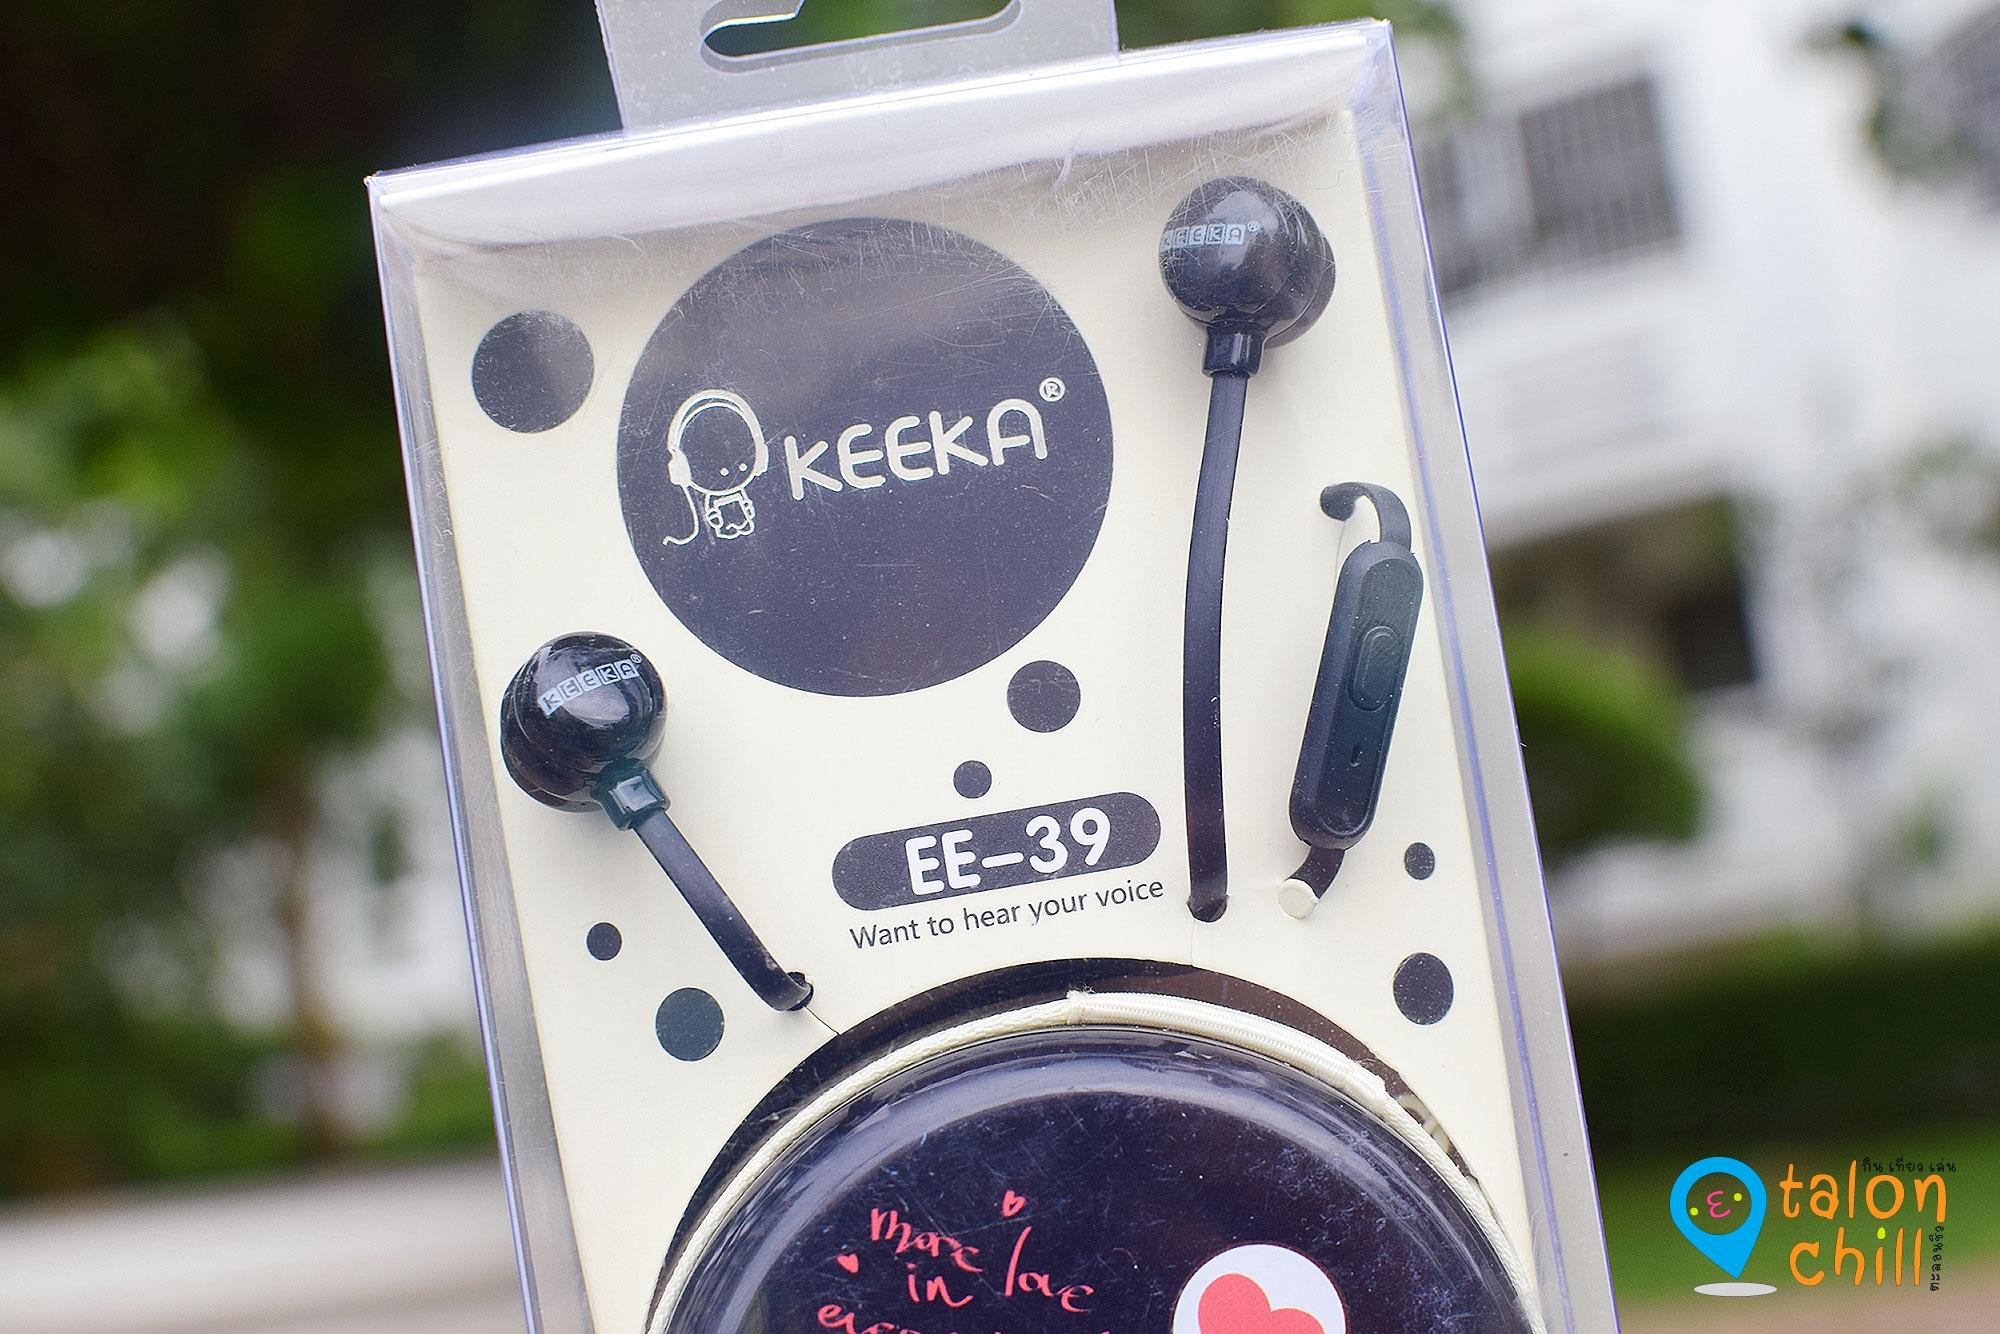 [แกะกล่อง] หูฟัง In-Ear KEEKA มาพร้อมกล่องเก็บหูฟัง รุ่น EE-39